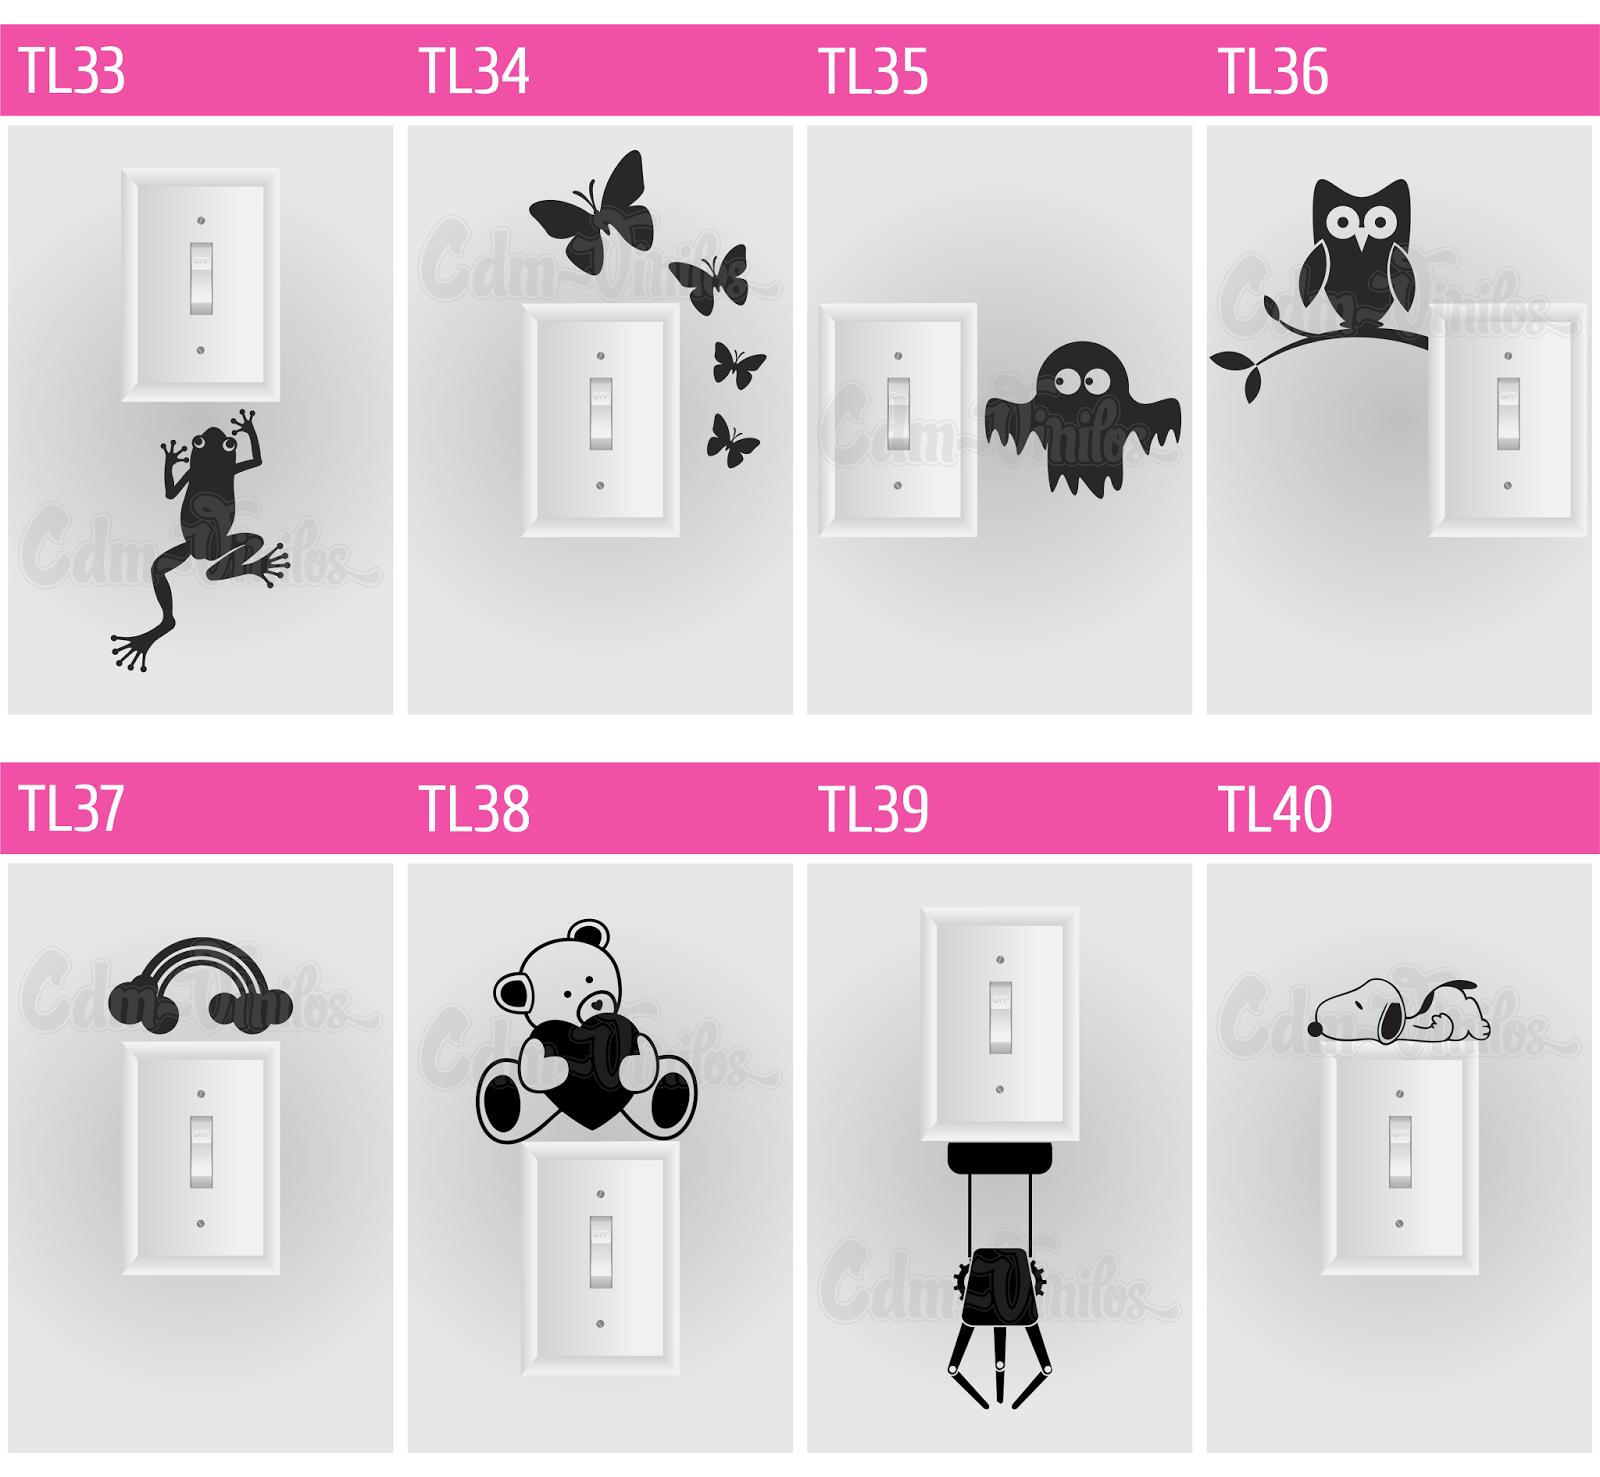 Vinilos decorativos para pared llave tecla de luz cdm for Vinilos de pared personalizados